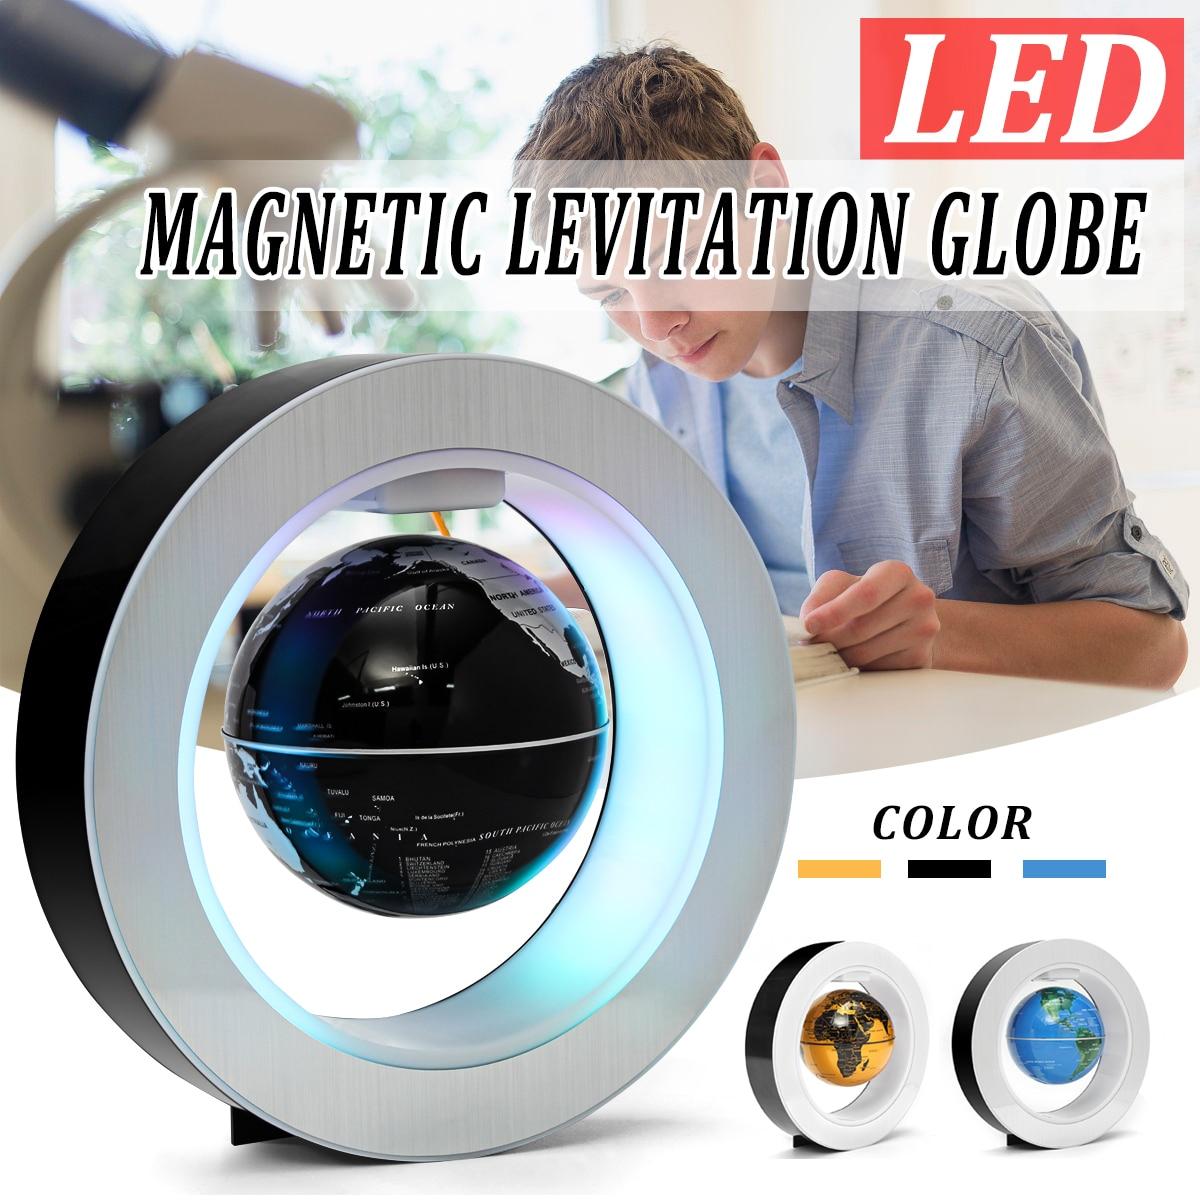 O shape Black Blue LED World Map Decor Home Electronic Magnetic Levitation Floating Globe Antigravity LED Light Gift Decoration